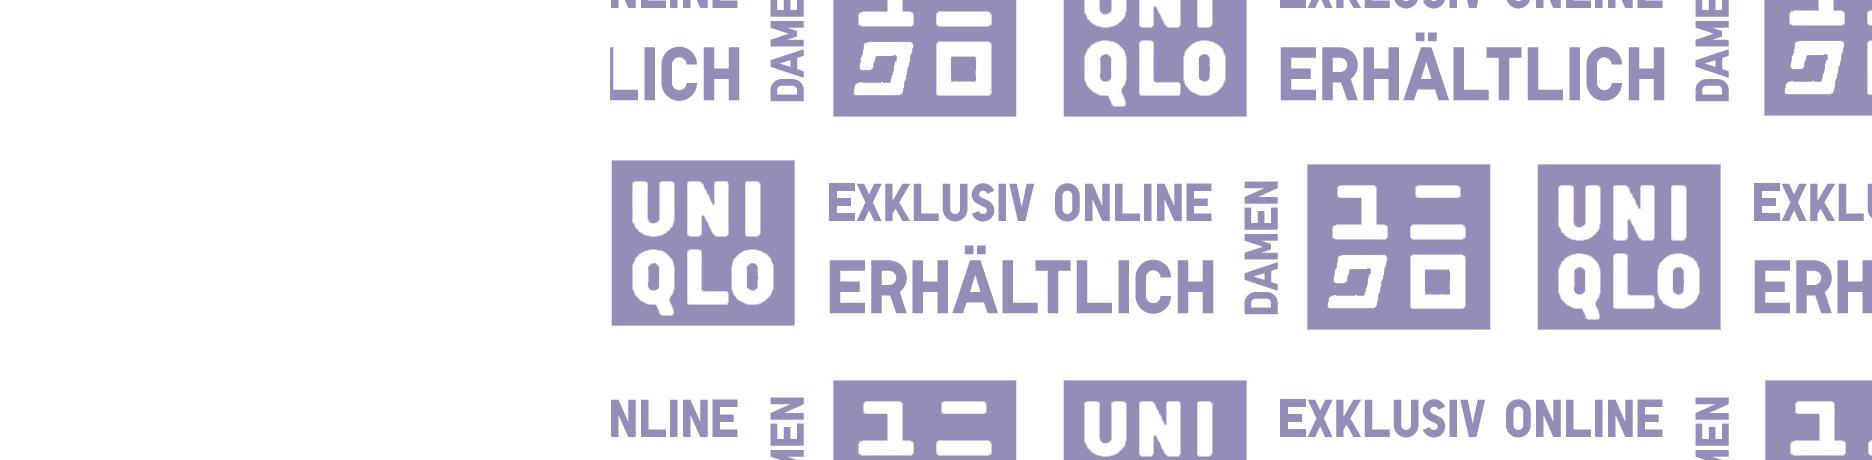 Exklusiv Online Erhältlich